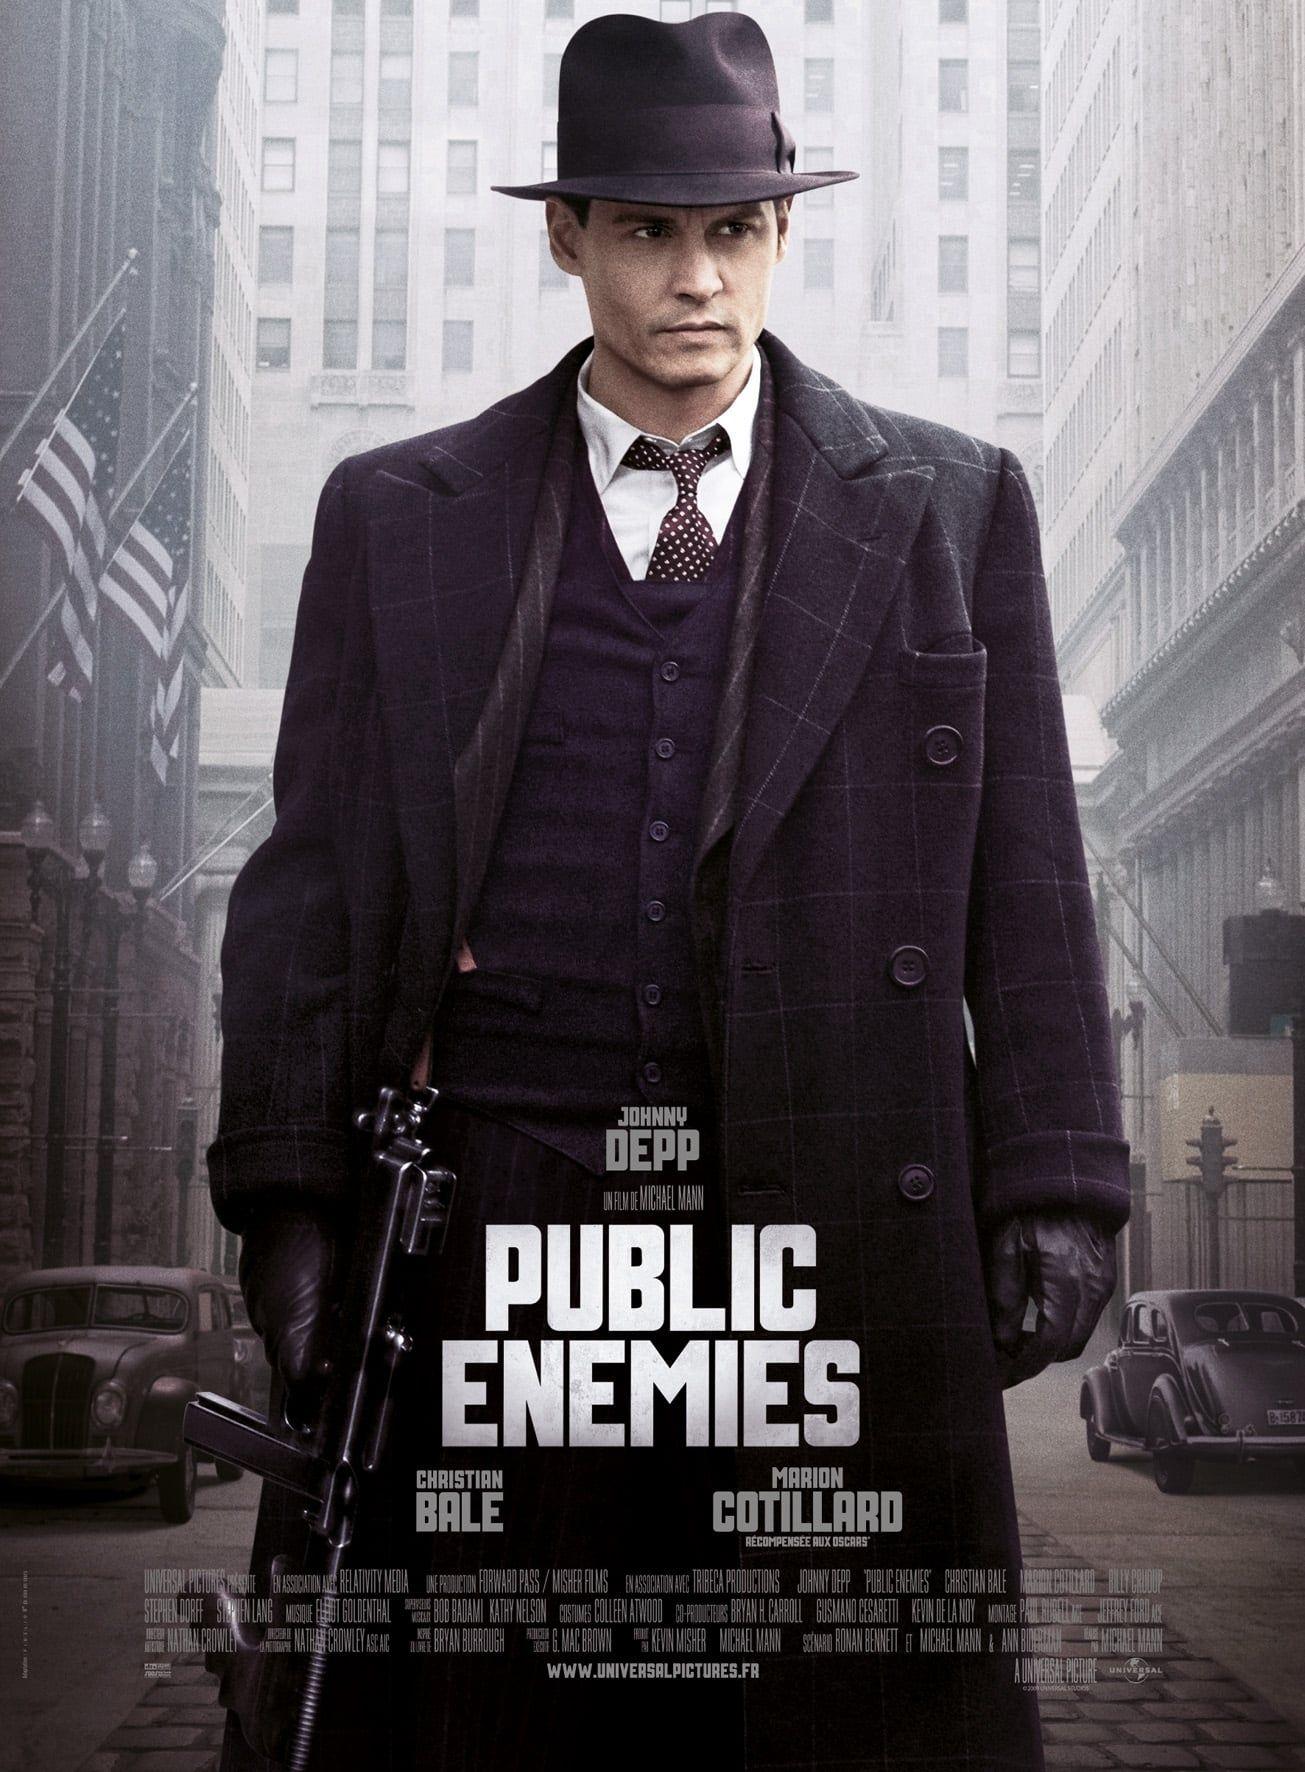 Public Enemies P E L I C U L A Completa 2009 Gratis En Espanol Latino Hd Public Enemy Gangster Movies Johnny Depp